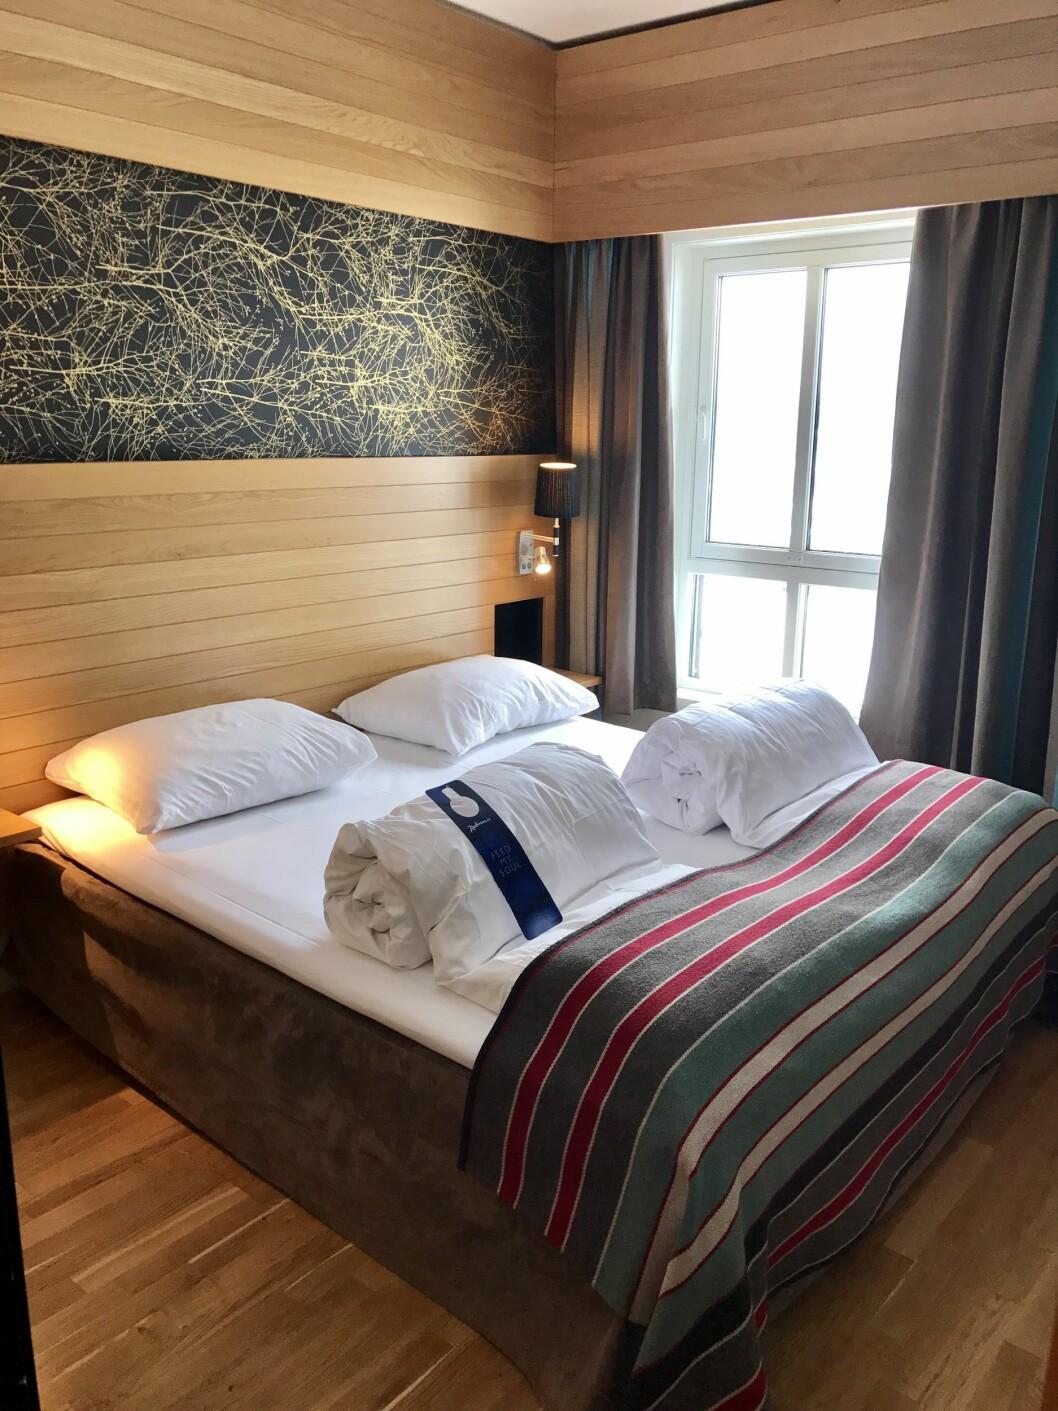 BARE NESTEN: Supergode madrasser og sengetøy, men selve dynene er ikke all verden…